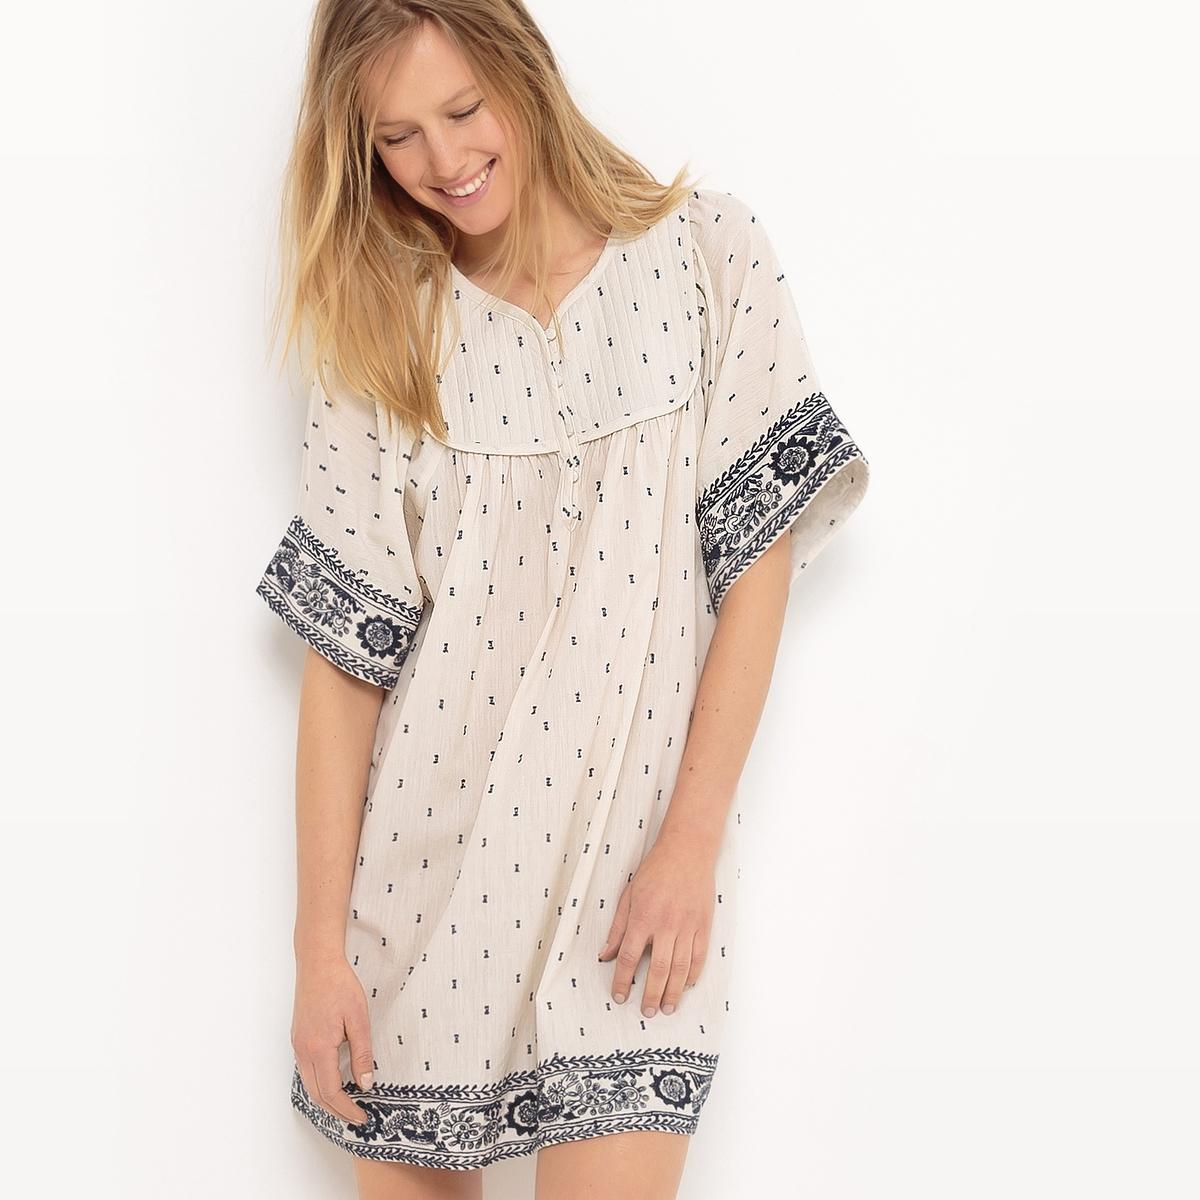 Платье вышитое, с короткими рукавамиМатериал : 100% хлопок             Длина рукава : Короткие рукава             Форма воротника : круглый вырез с разрезом спереди            Покрой платья : расклешенное платье            Рисунок : однотонная модель            Особенность материала : с вышивкой             Длина платья : до колен<br><br>Цвет: слоновая кость/синий<br>Размер: 44 (FR) - 50 (RUS).46 (FR) - 52 (RUS)